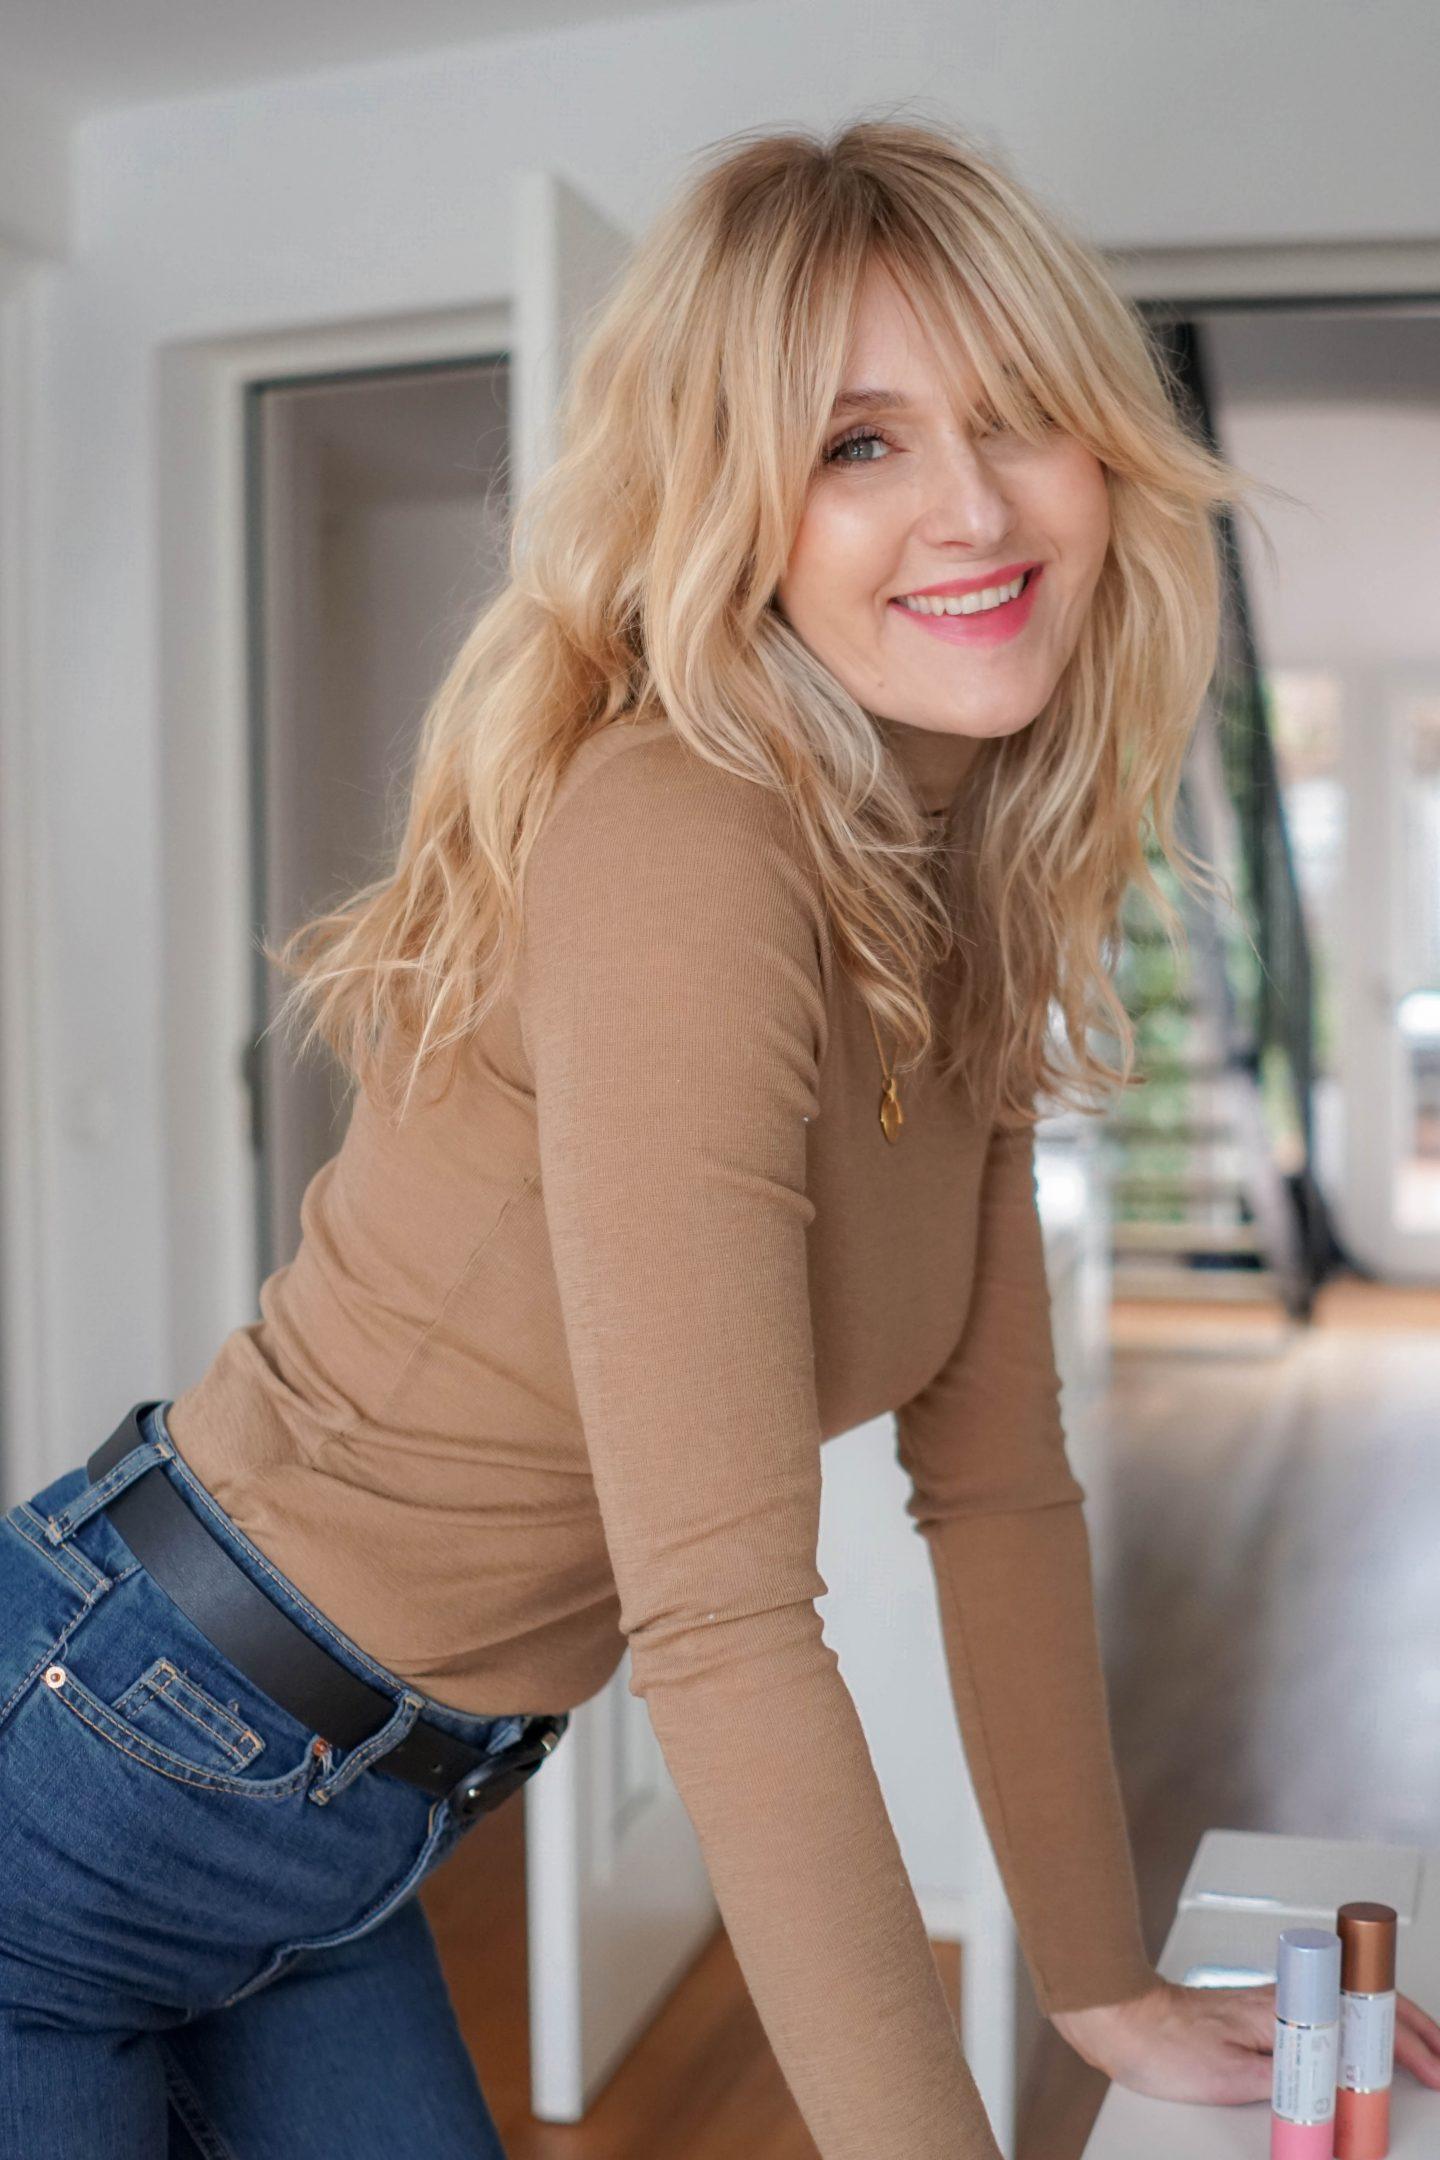 Yoga Skin-Glowy Skin-Clarins Glow to Go-Makeup Tutorial-Nowshine Beauty Blog